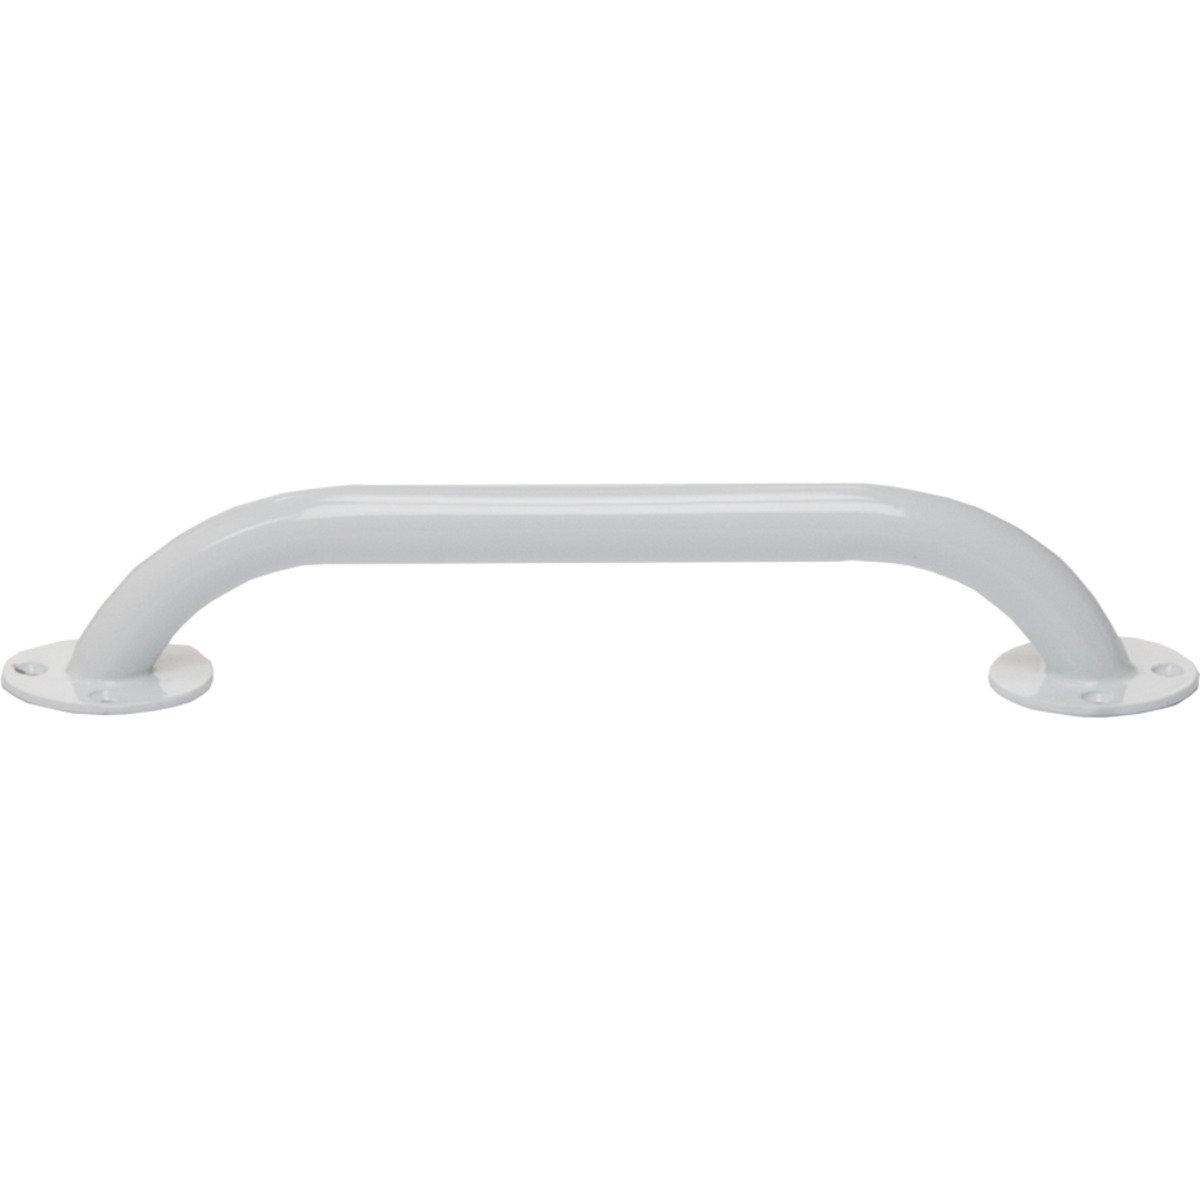 比利時 Izzie 浴室扶手 (30cm)